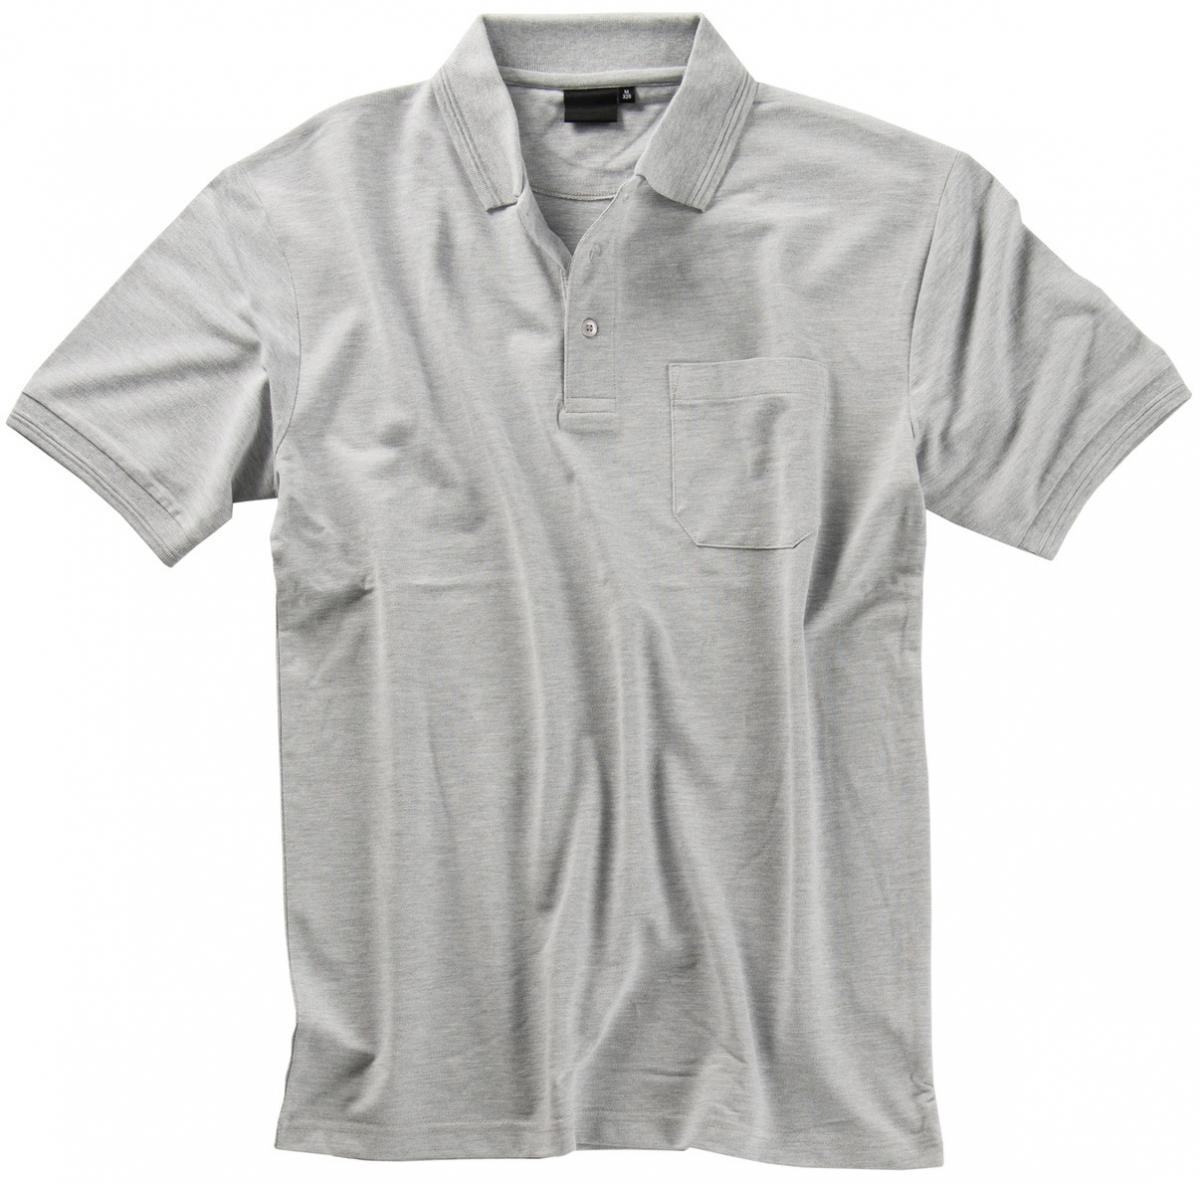 BEB Polo-Shirt Premium, MG 210/220, grau meliert